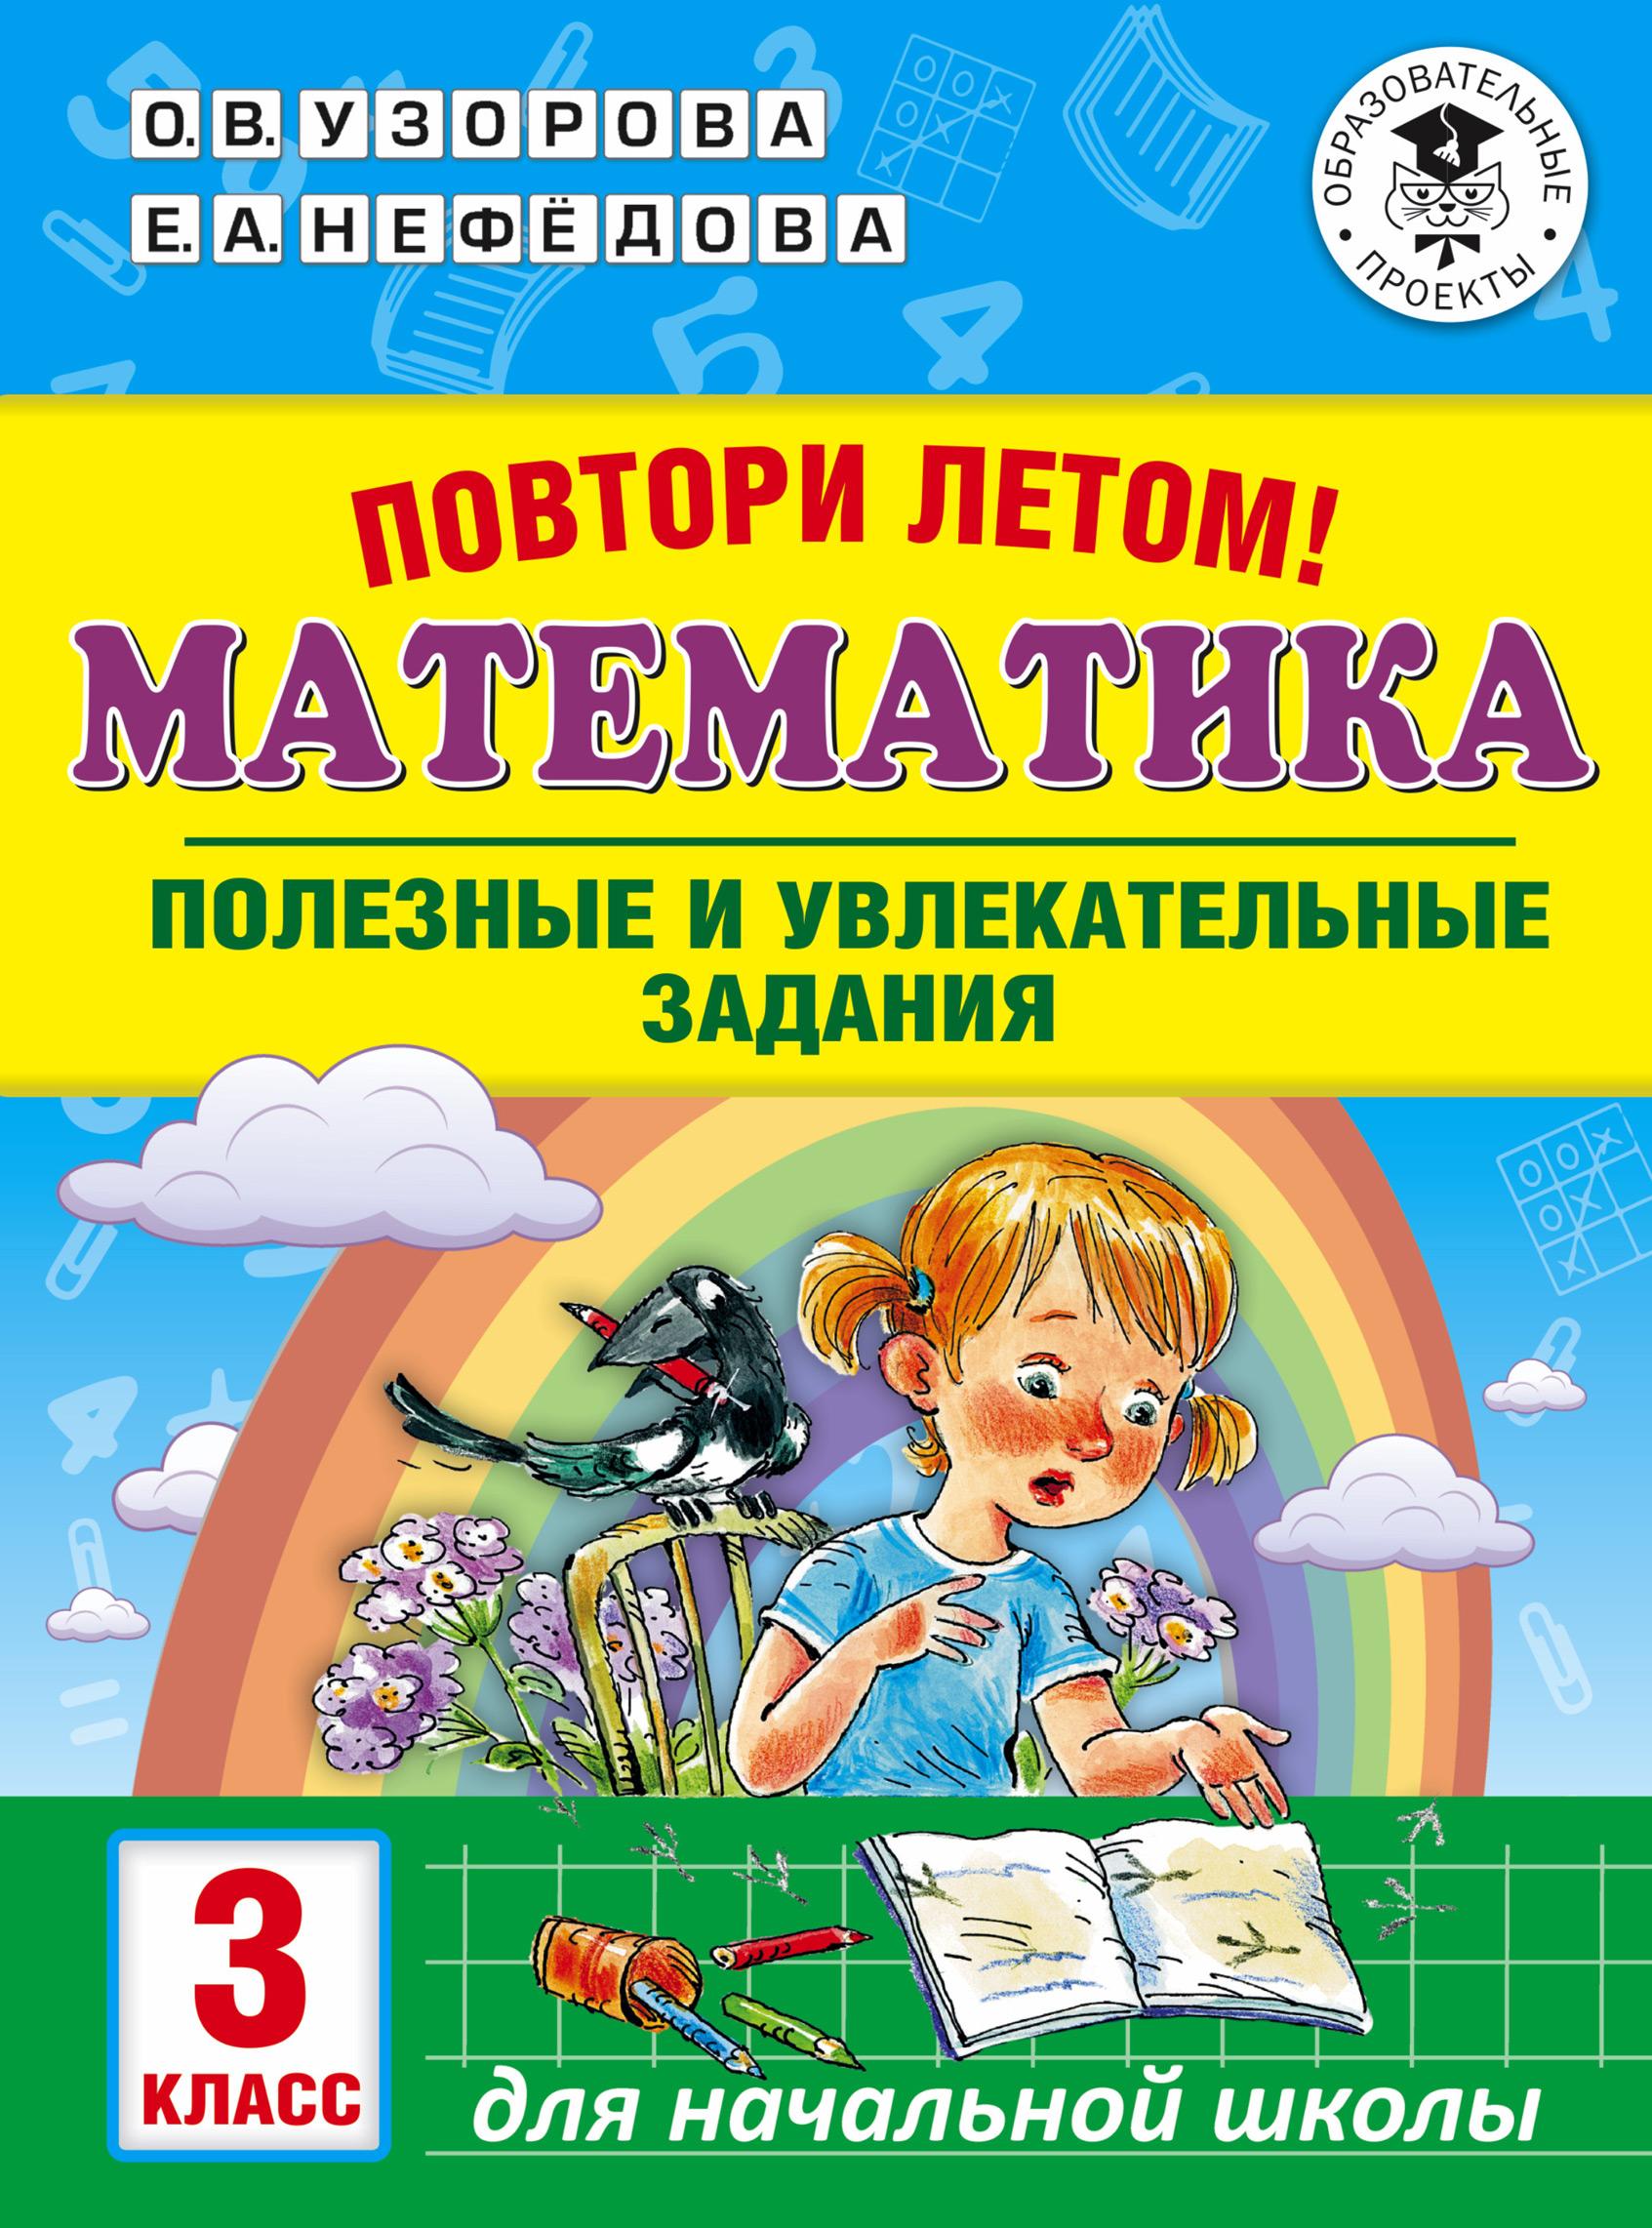 Повтори летом! Математика. Полезные и увлекательные задания. 3 класс